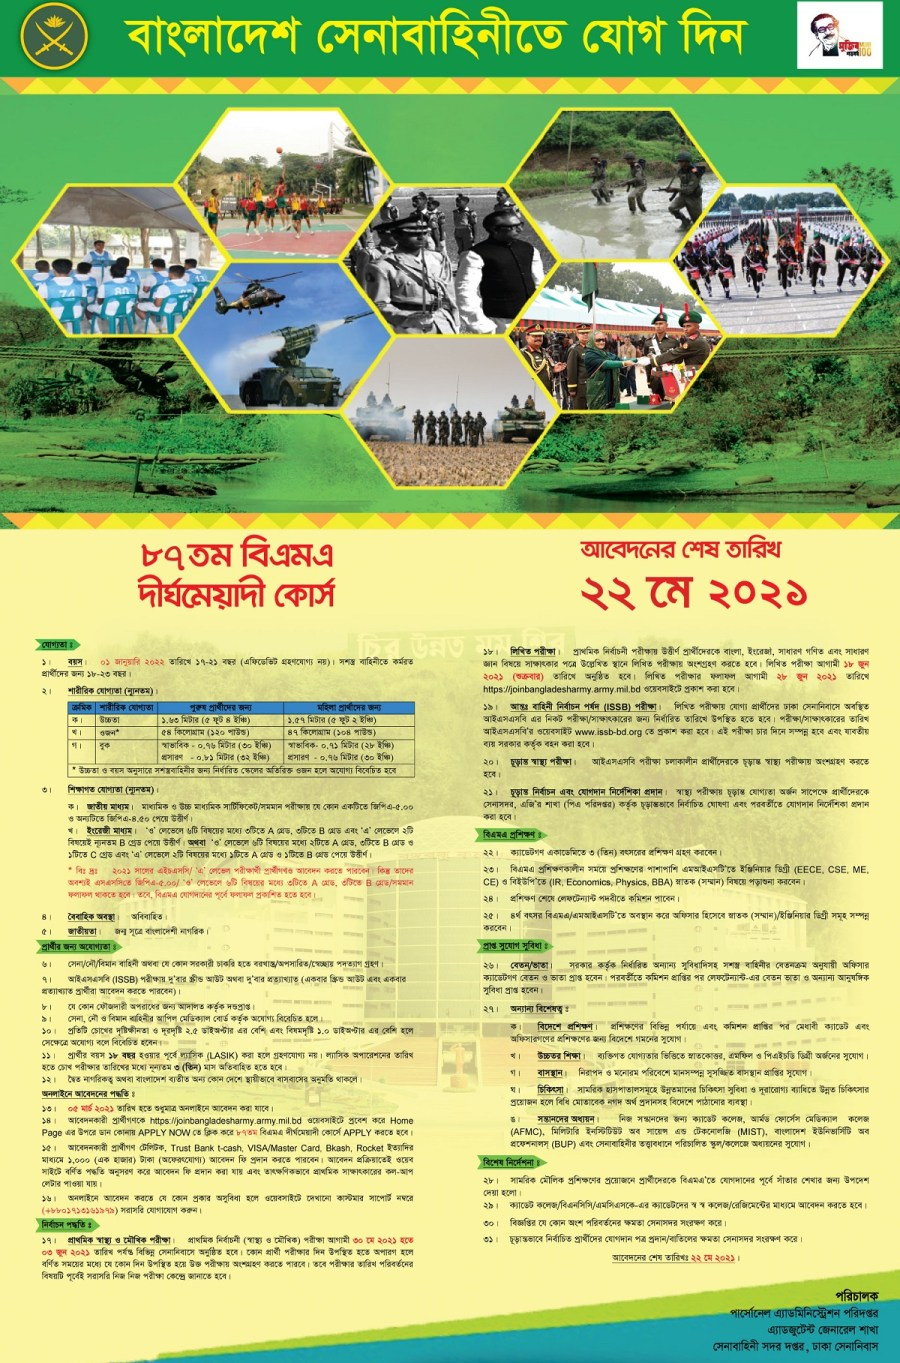 Bangladesh Army Job Circular (Official) May 2021 Image